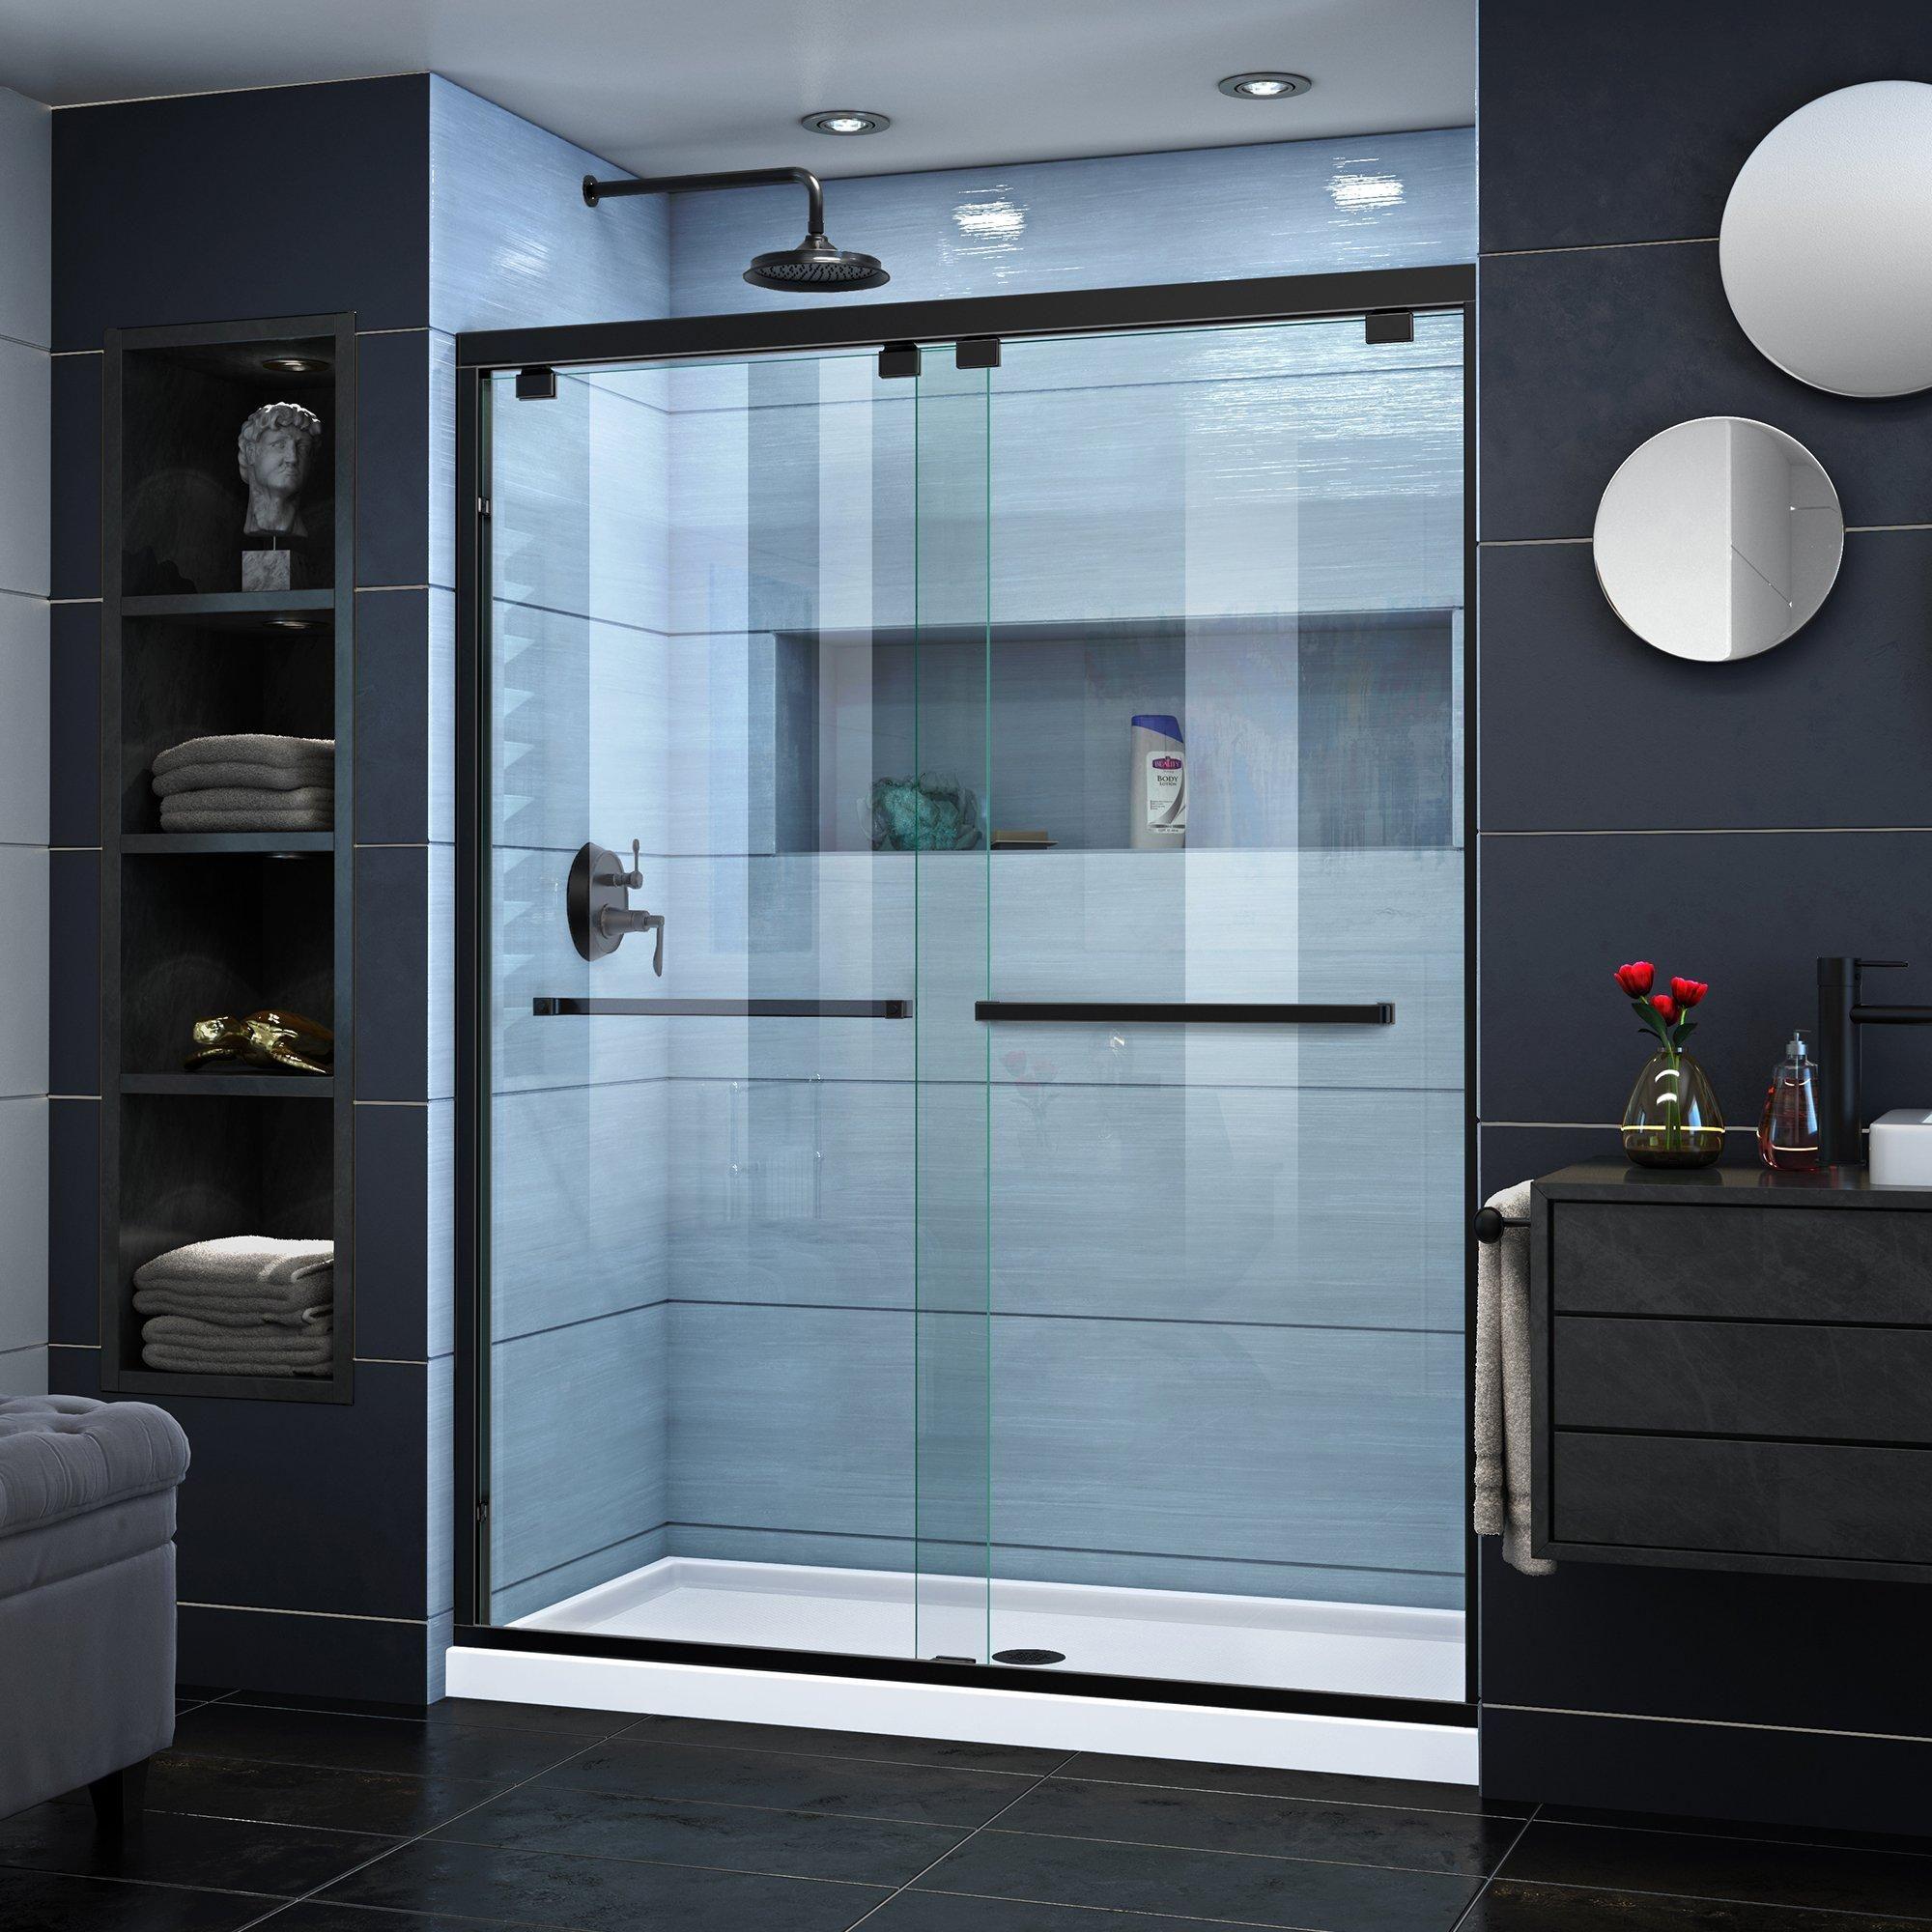 Encore Satin Black Semi Frameless Bypass Sliding Shower Door Shower Doors Frameless Sliding Shower Doors Bypass Sliding Shower Doors Semi frameless sliding shower door